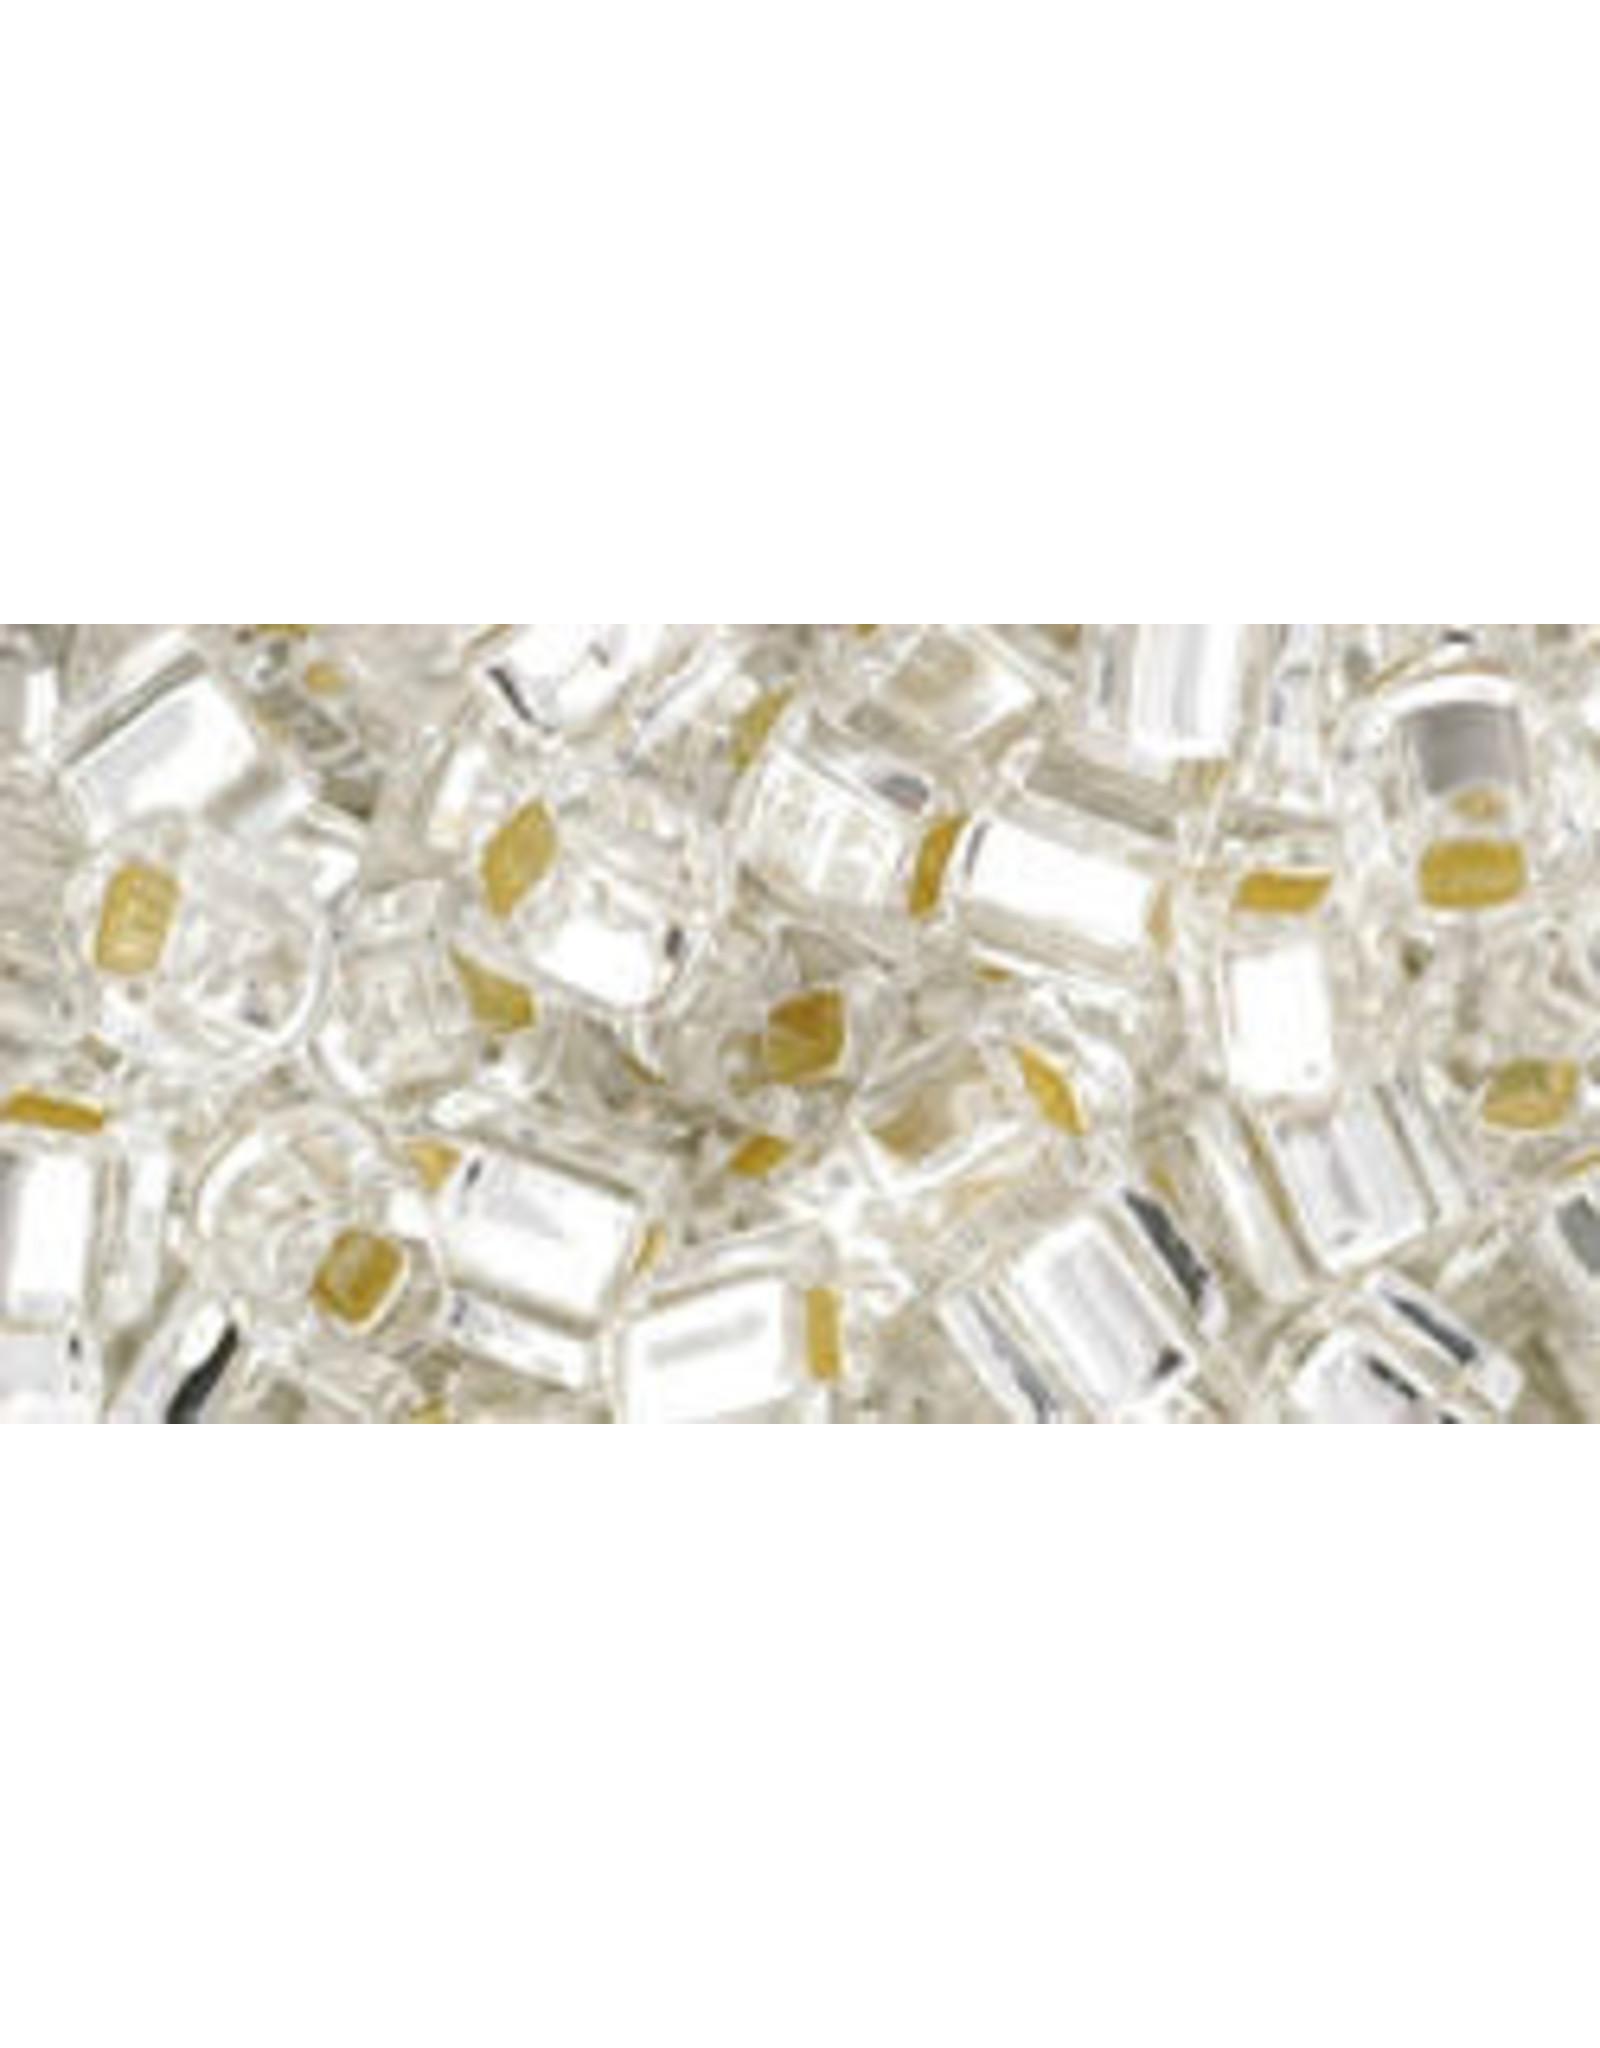 Toho 21  4mm  Cube  40g  Clear s/l